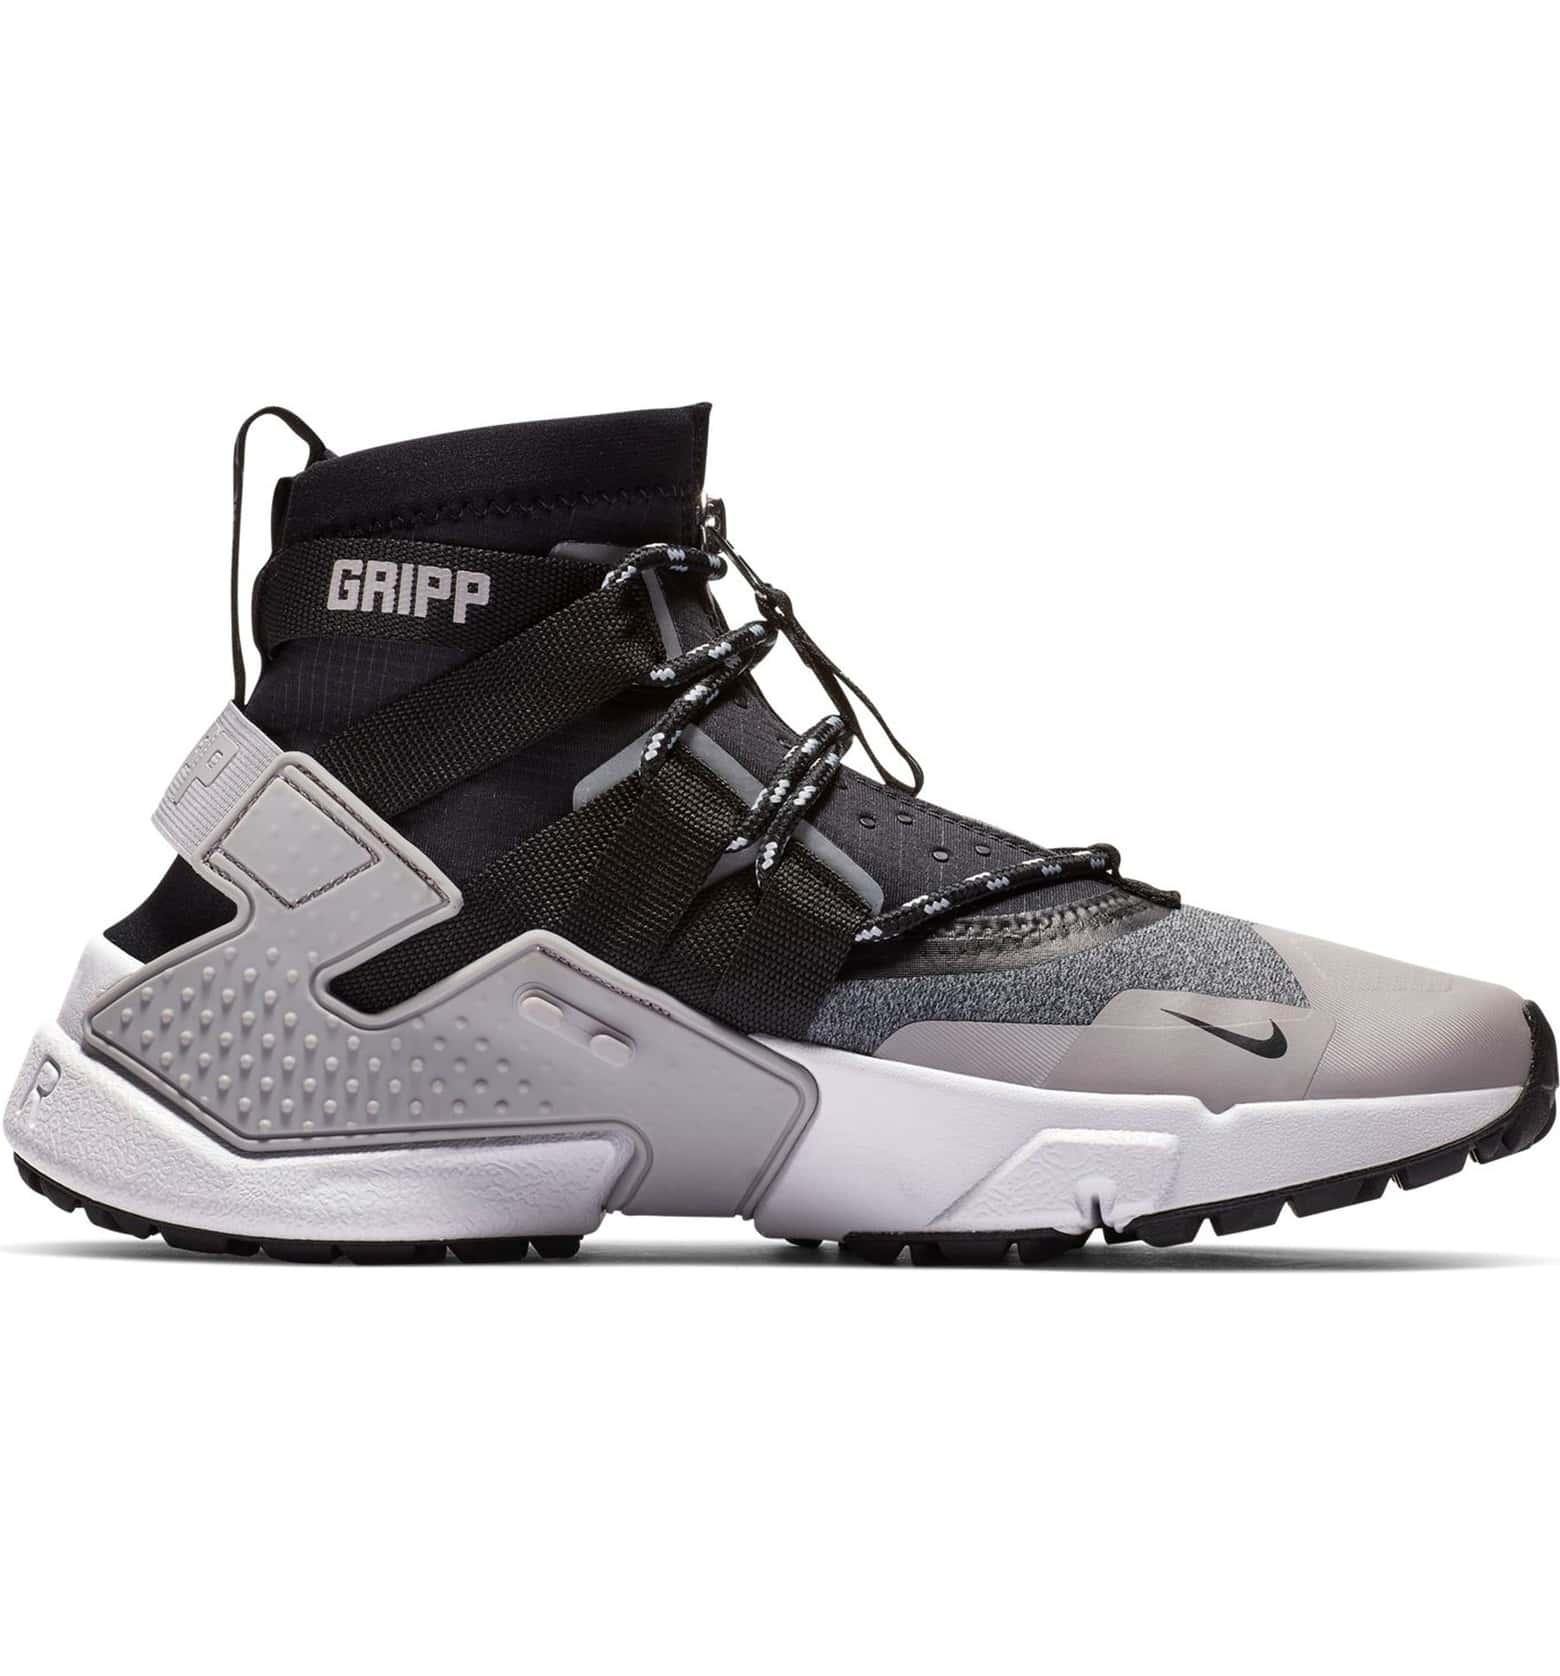 Nike Huarache Gripp Review: Best